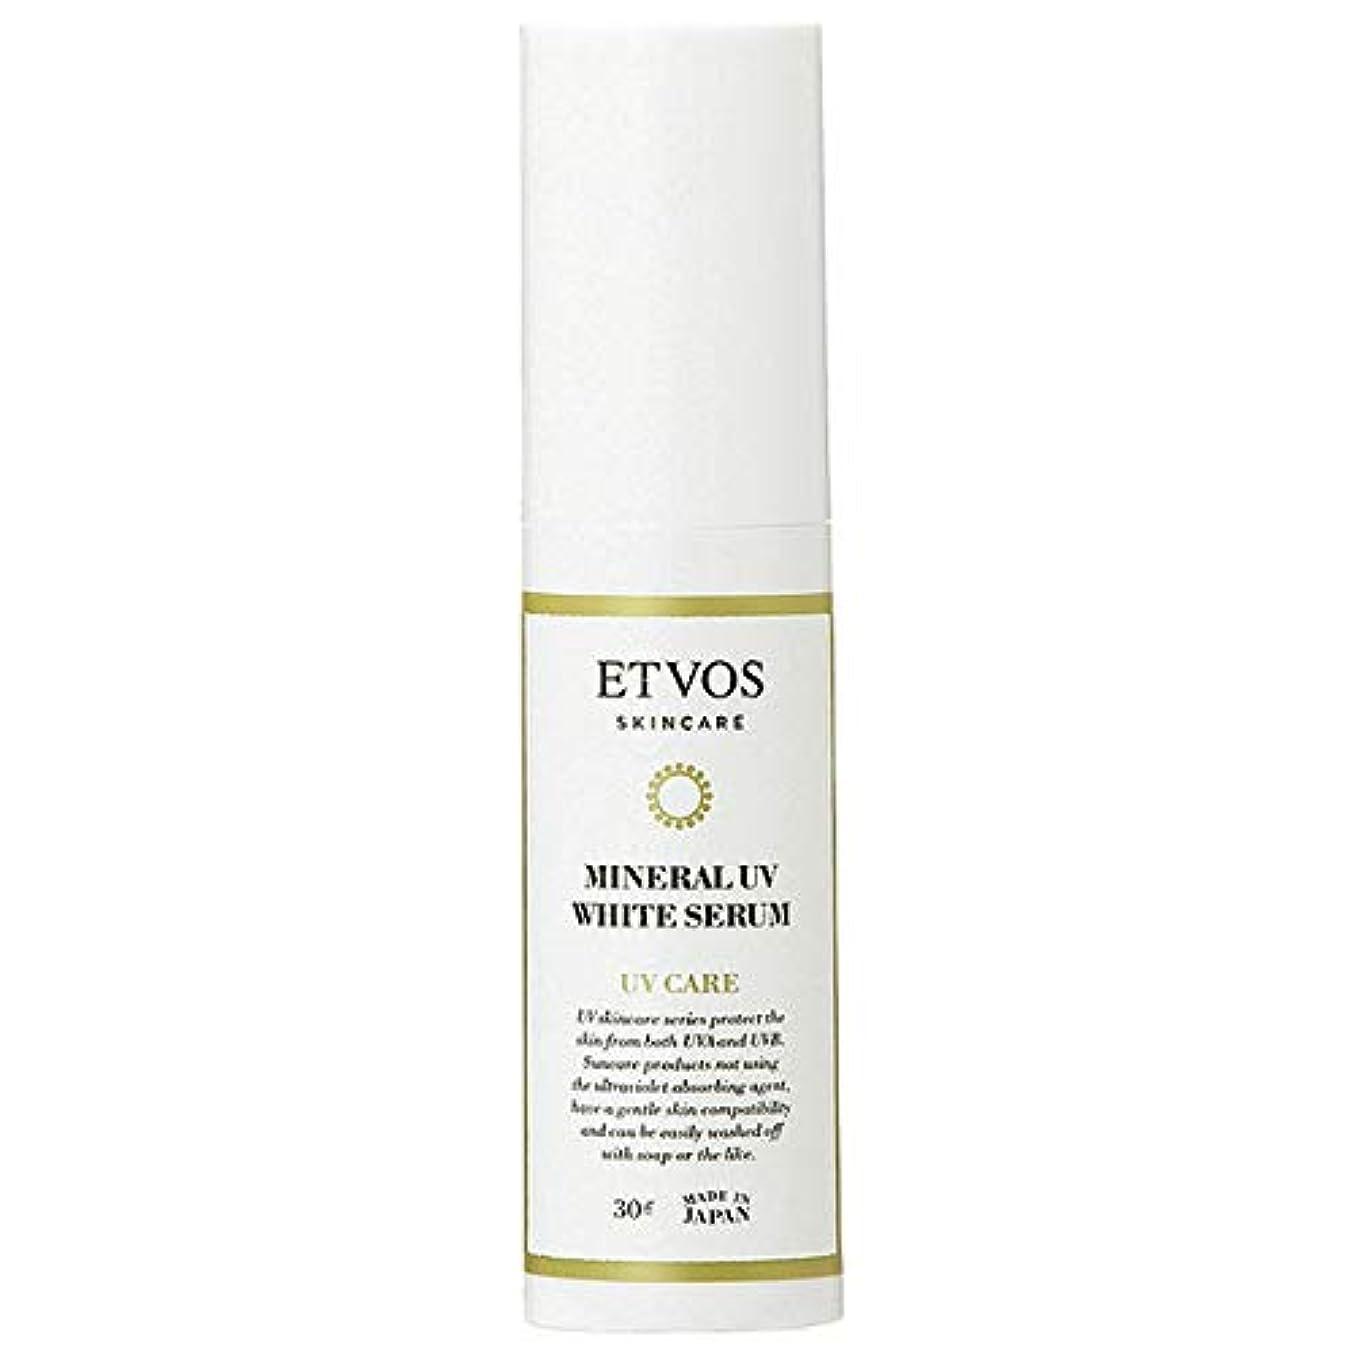 すぐに石鹸悪意エトヴォス ETVOS ミネラルUVホワイトセラム SPF35 PA+++ 30g 【医薬部外品】